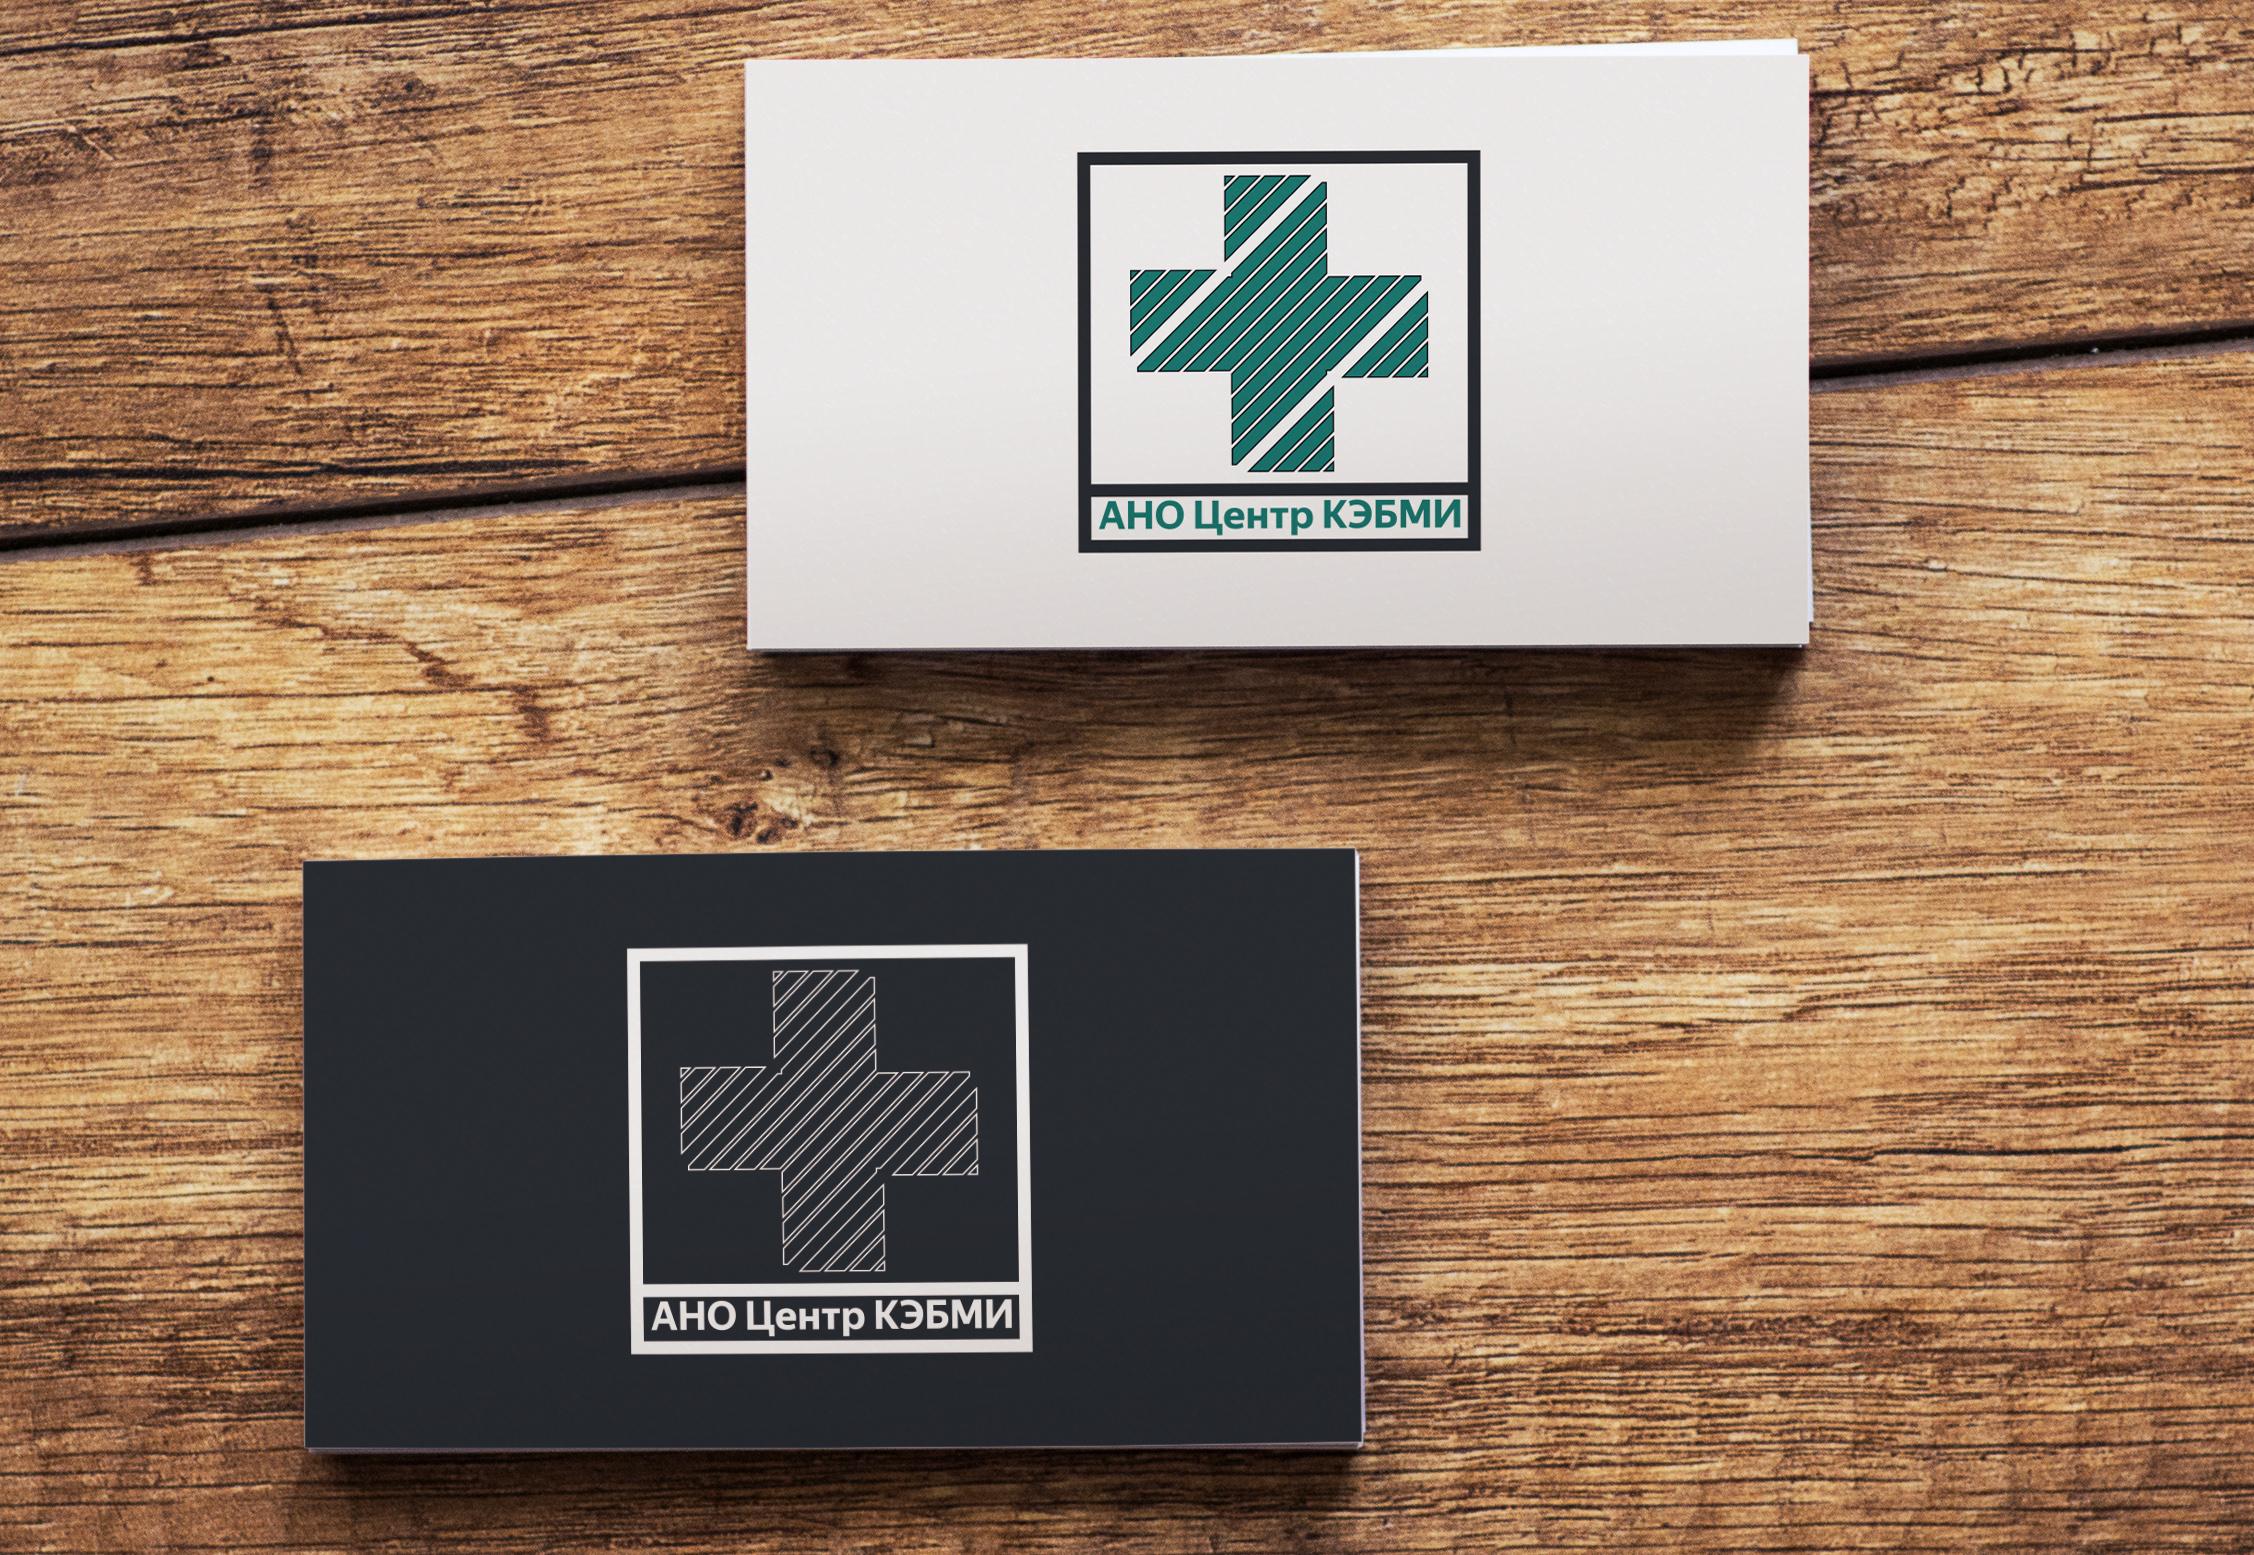 Редизайн логотипа АНО Центр КЭБМИ - BREVIS фото f_2295b1ac784a8d32.jpg